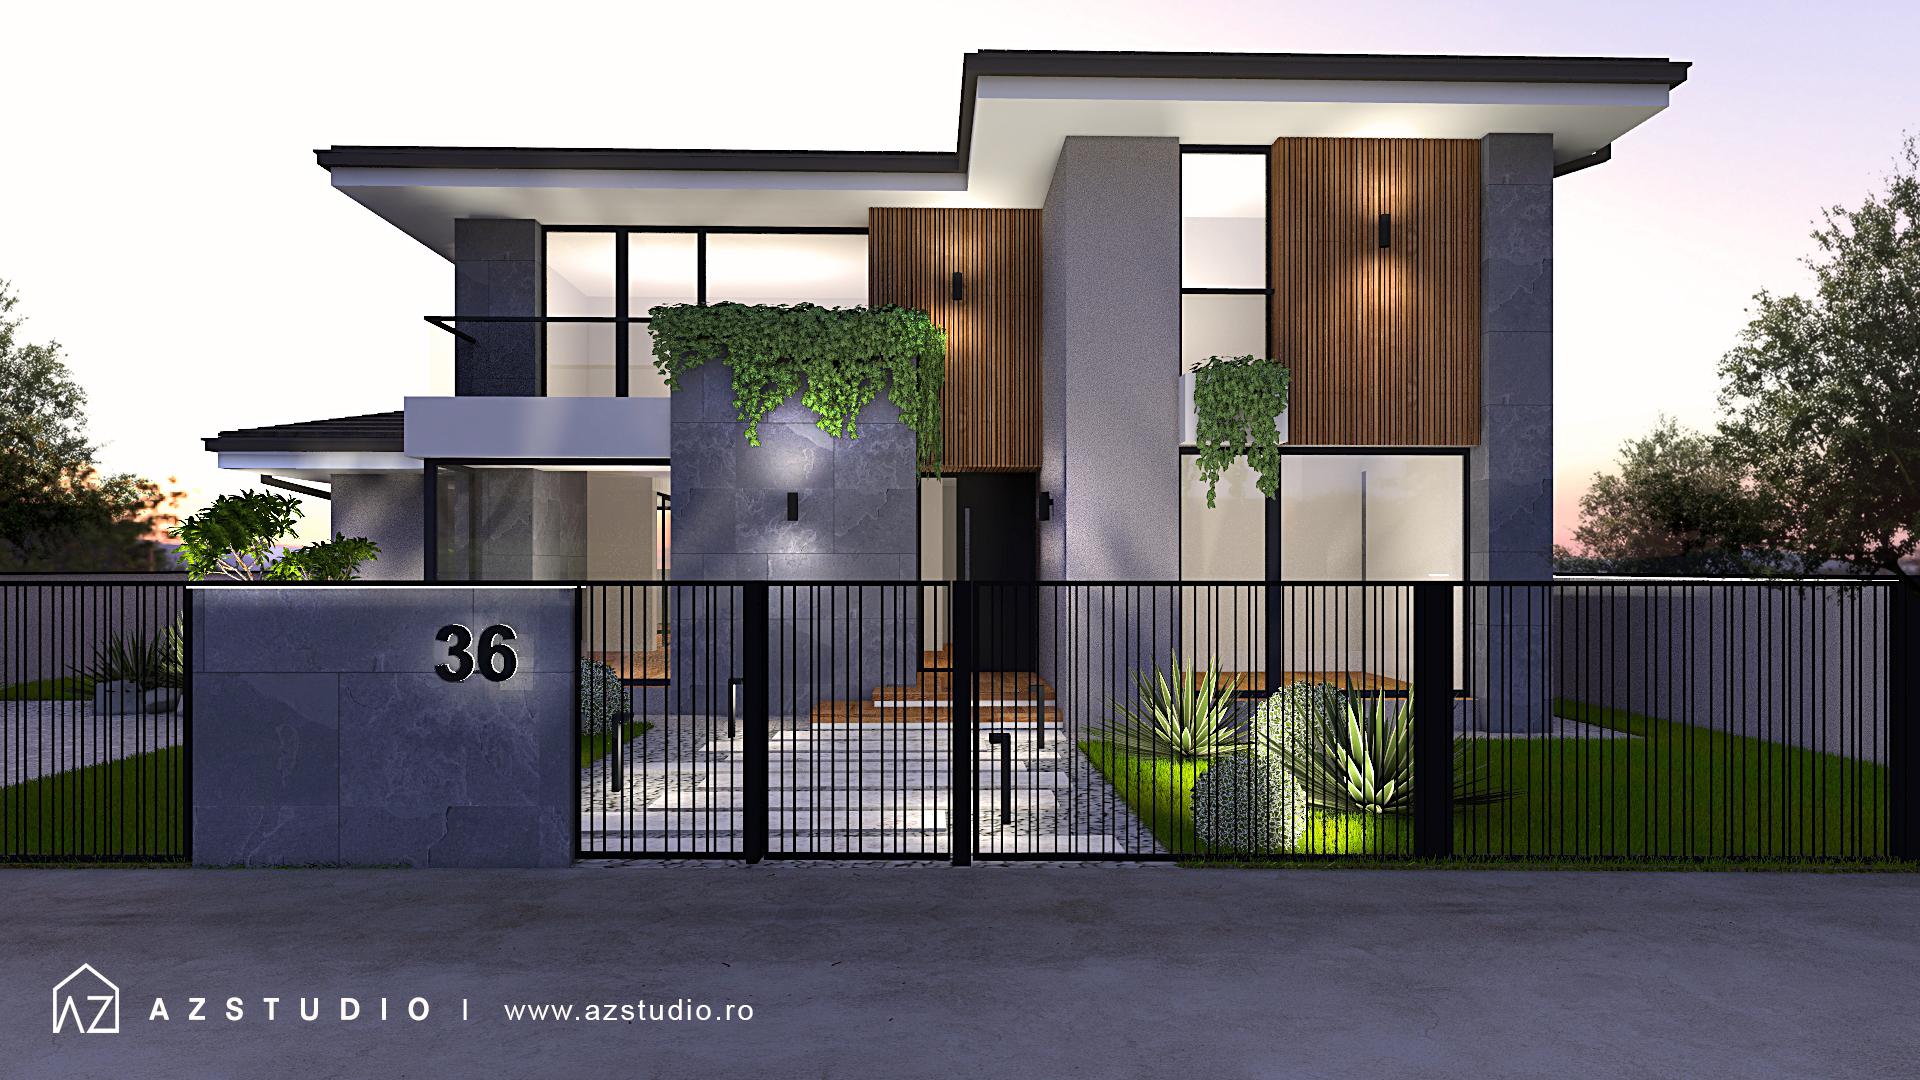 Casa moderna parter si etaj, suprafata construita totala 228mp.